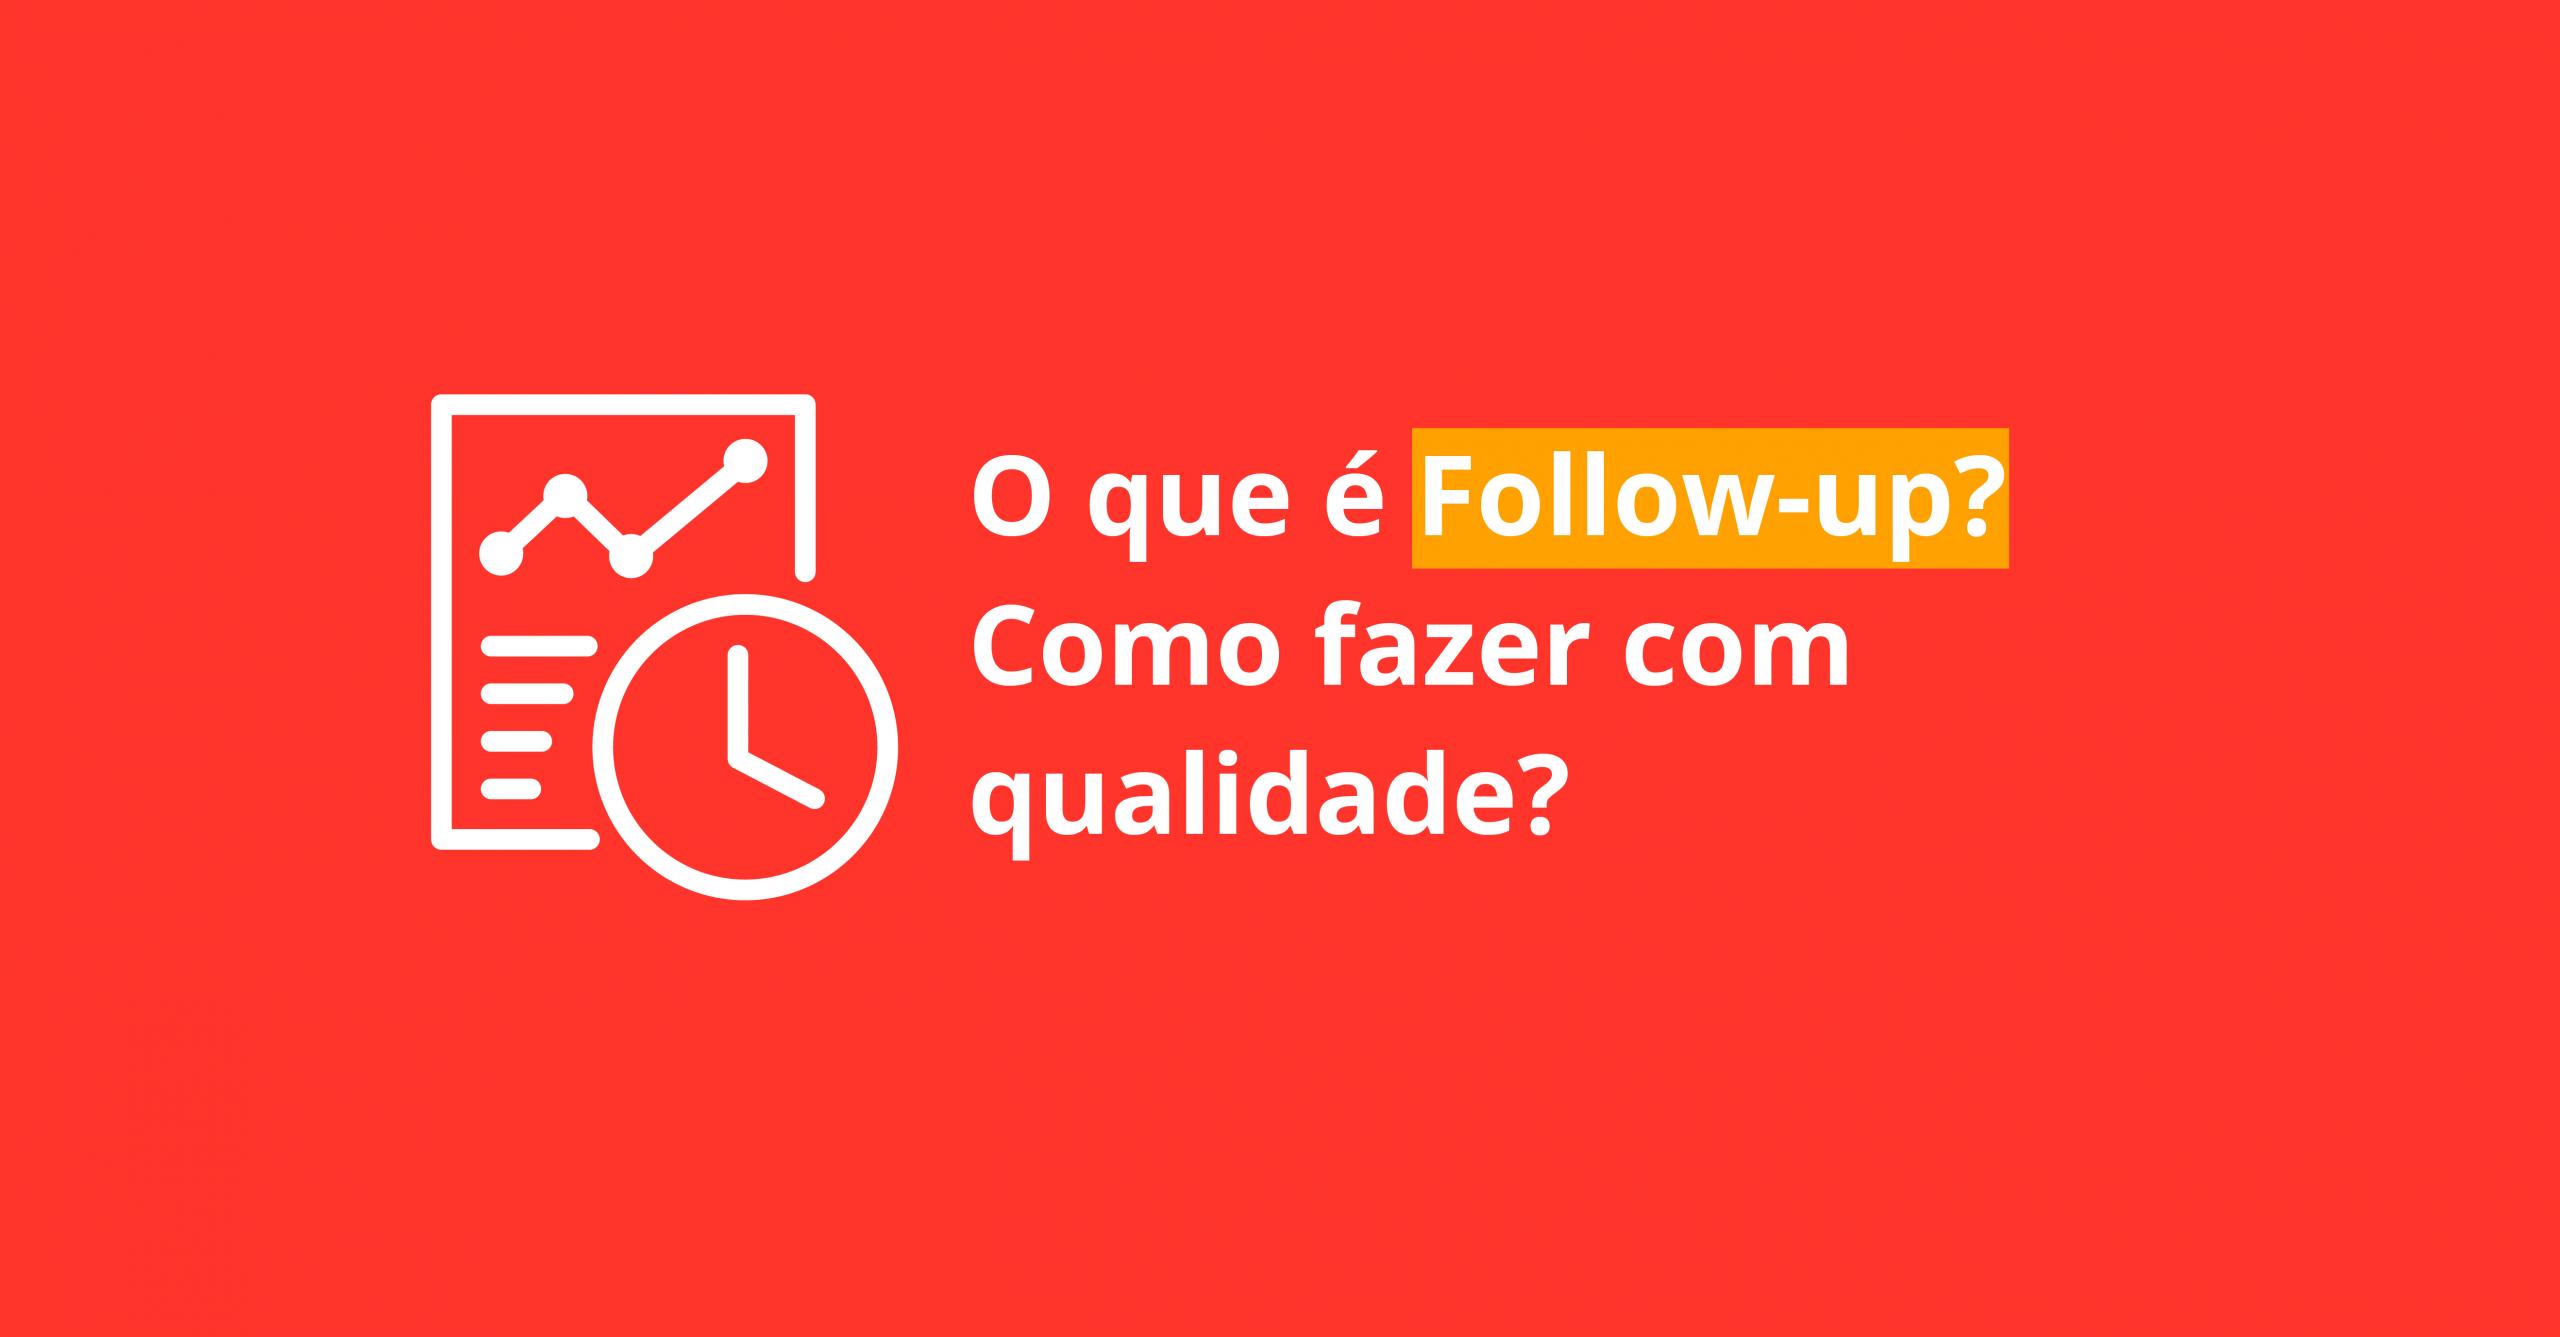 O que é Follow-up? Como fazer com qualidade?